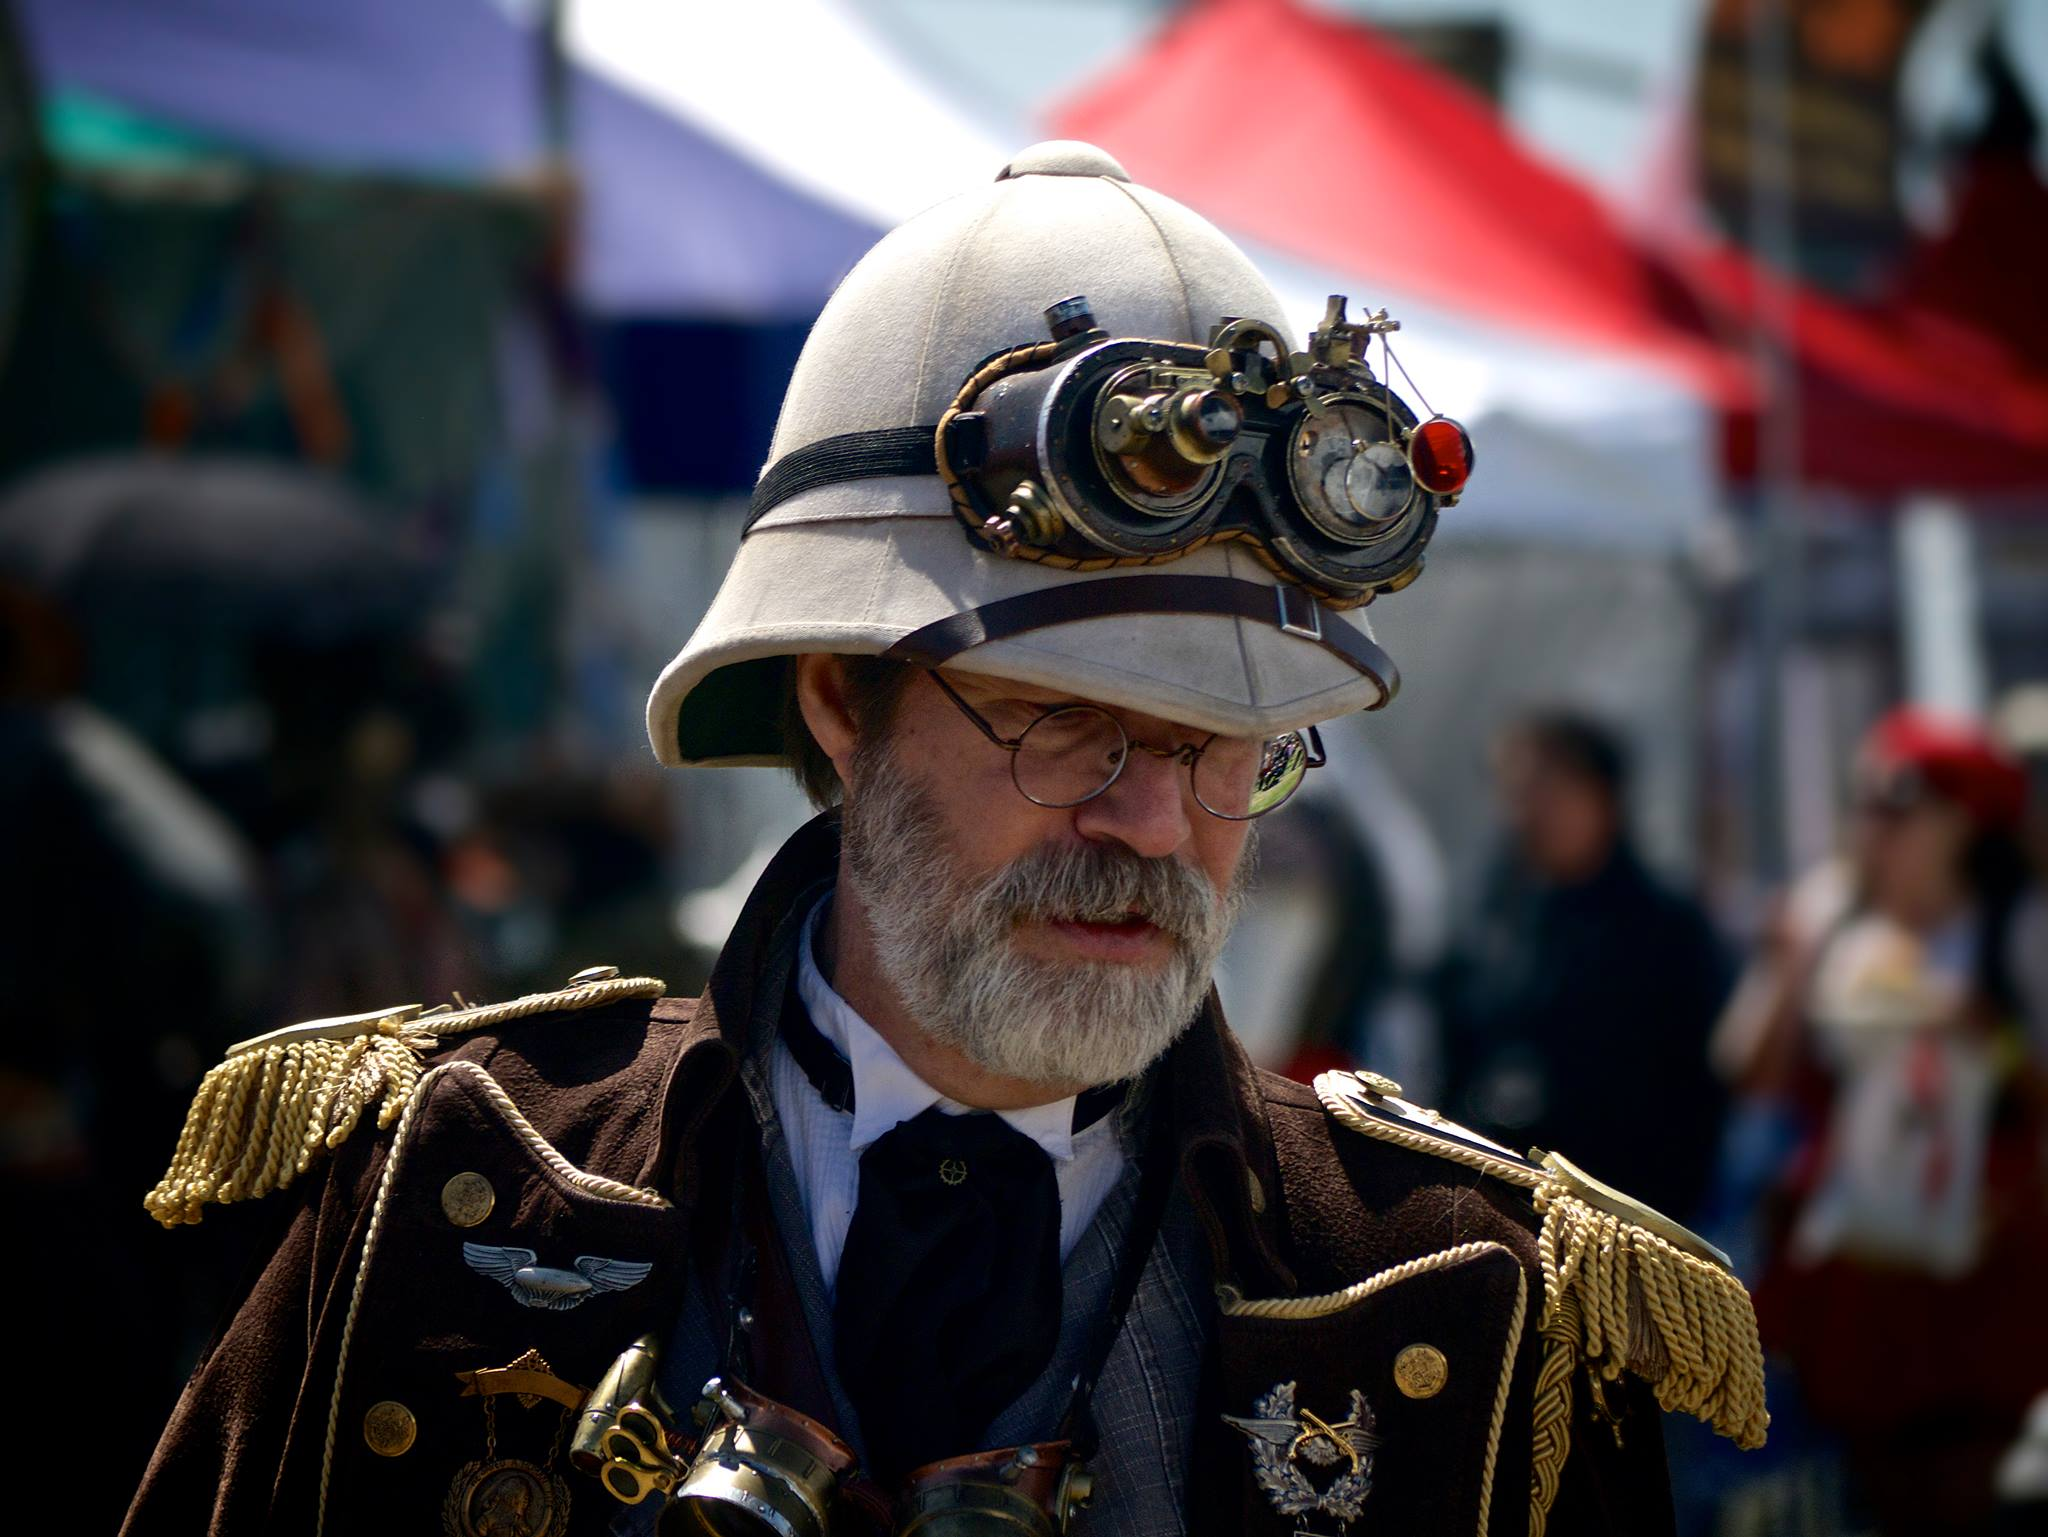 Steampunk @ Pirate Fest